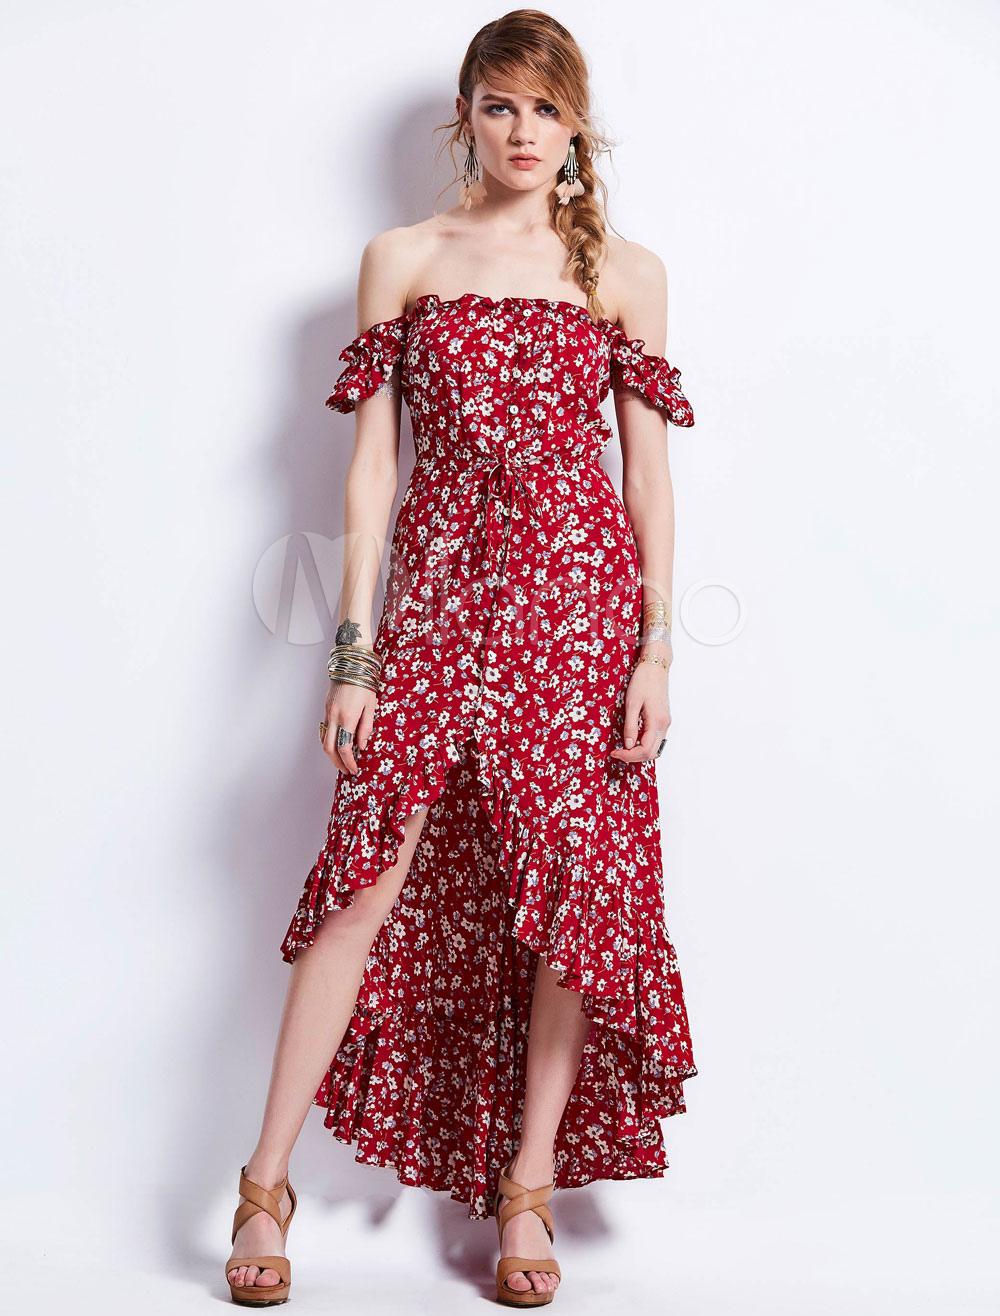 ... Vestito lungo borgogno in chiffon senza spalline maniche corte  annodature stampa floreale con fondo asimmetrico donna. 1. -20%.  colore Bordeaux 618d5ad2673